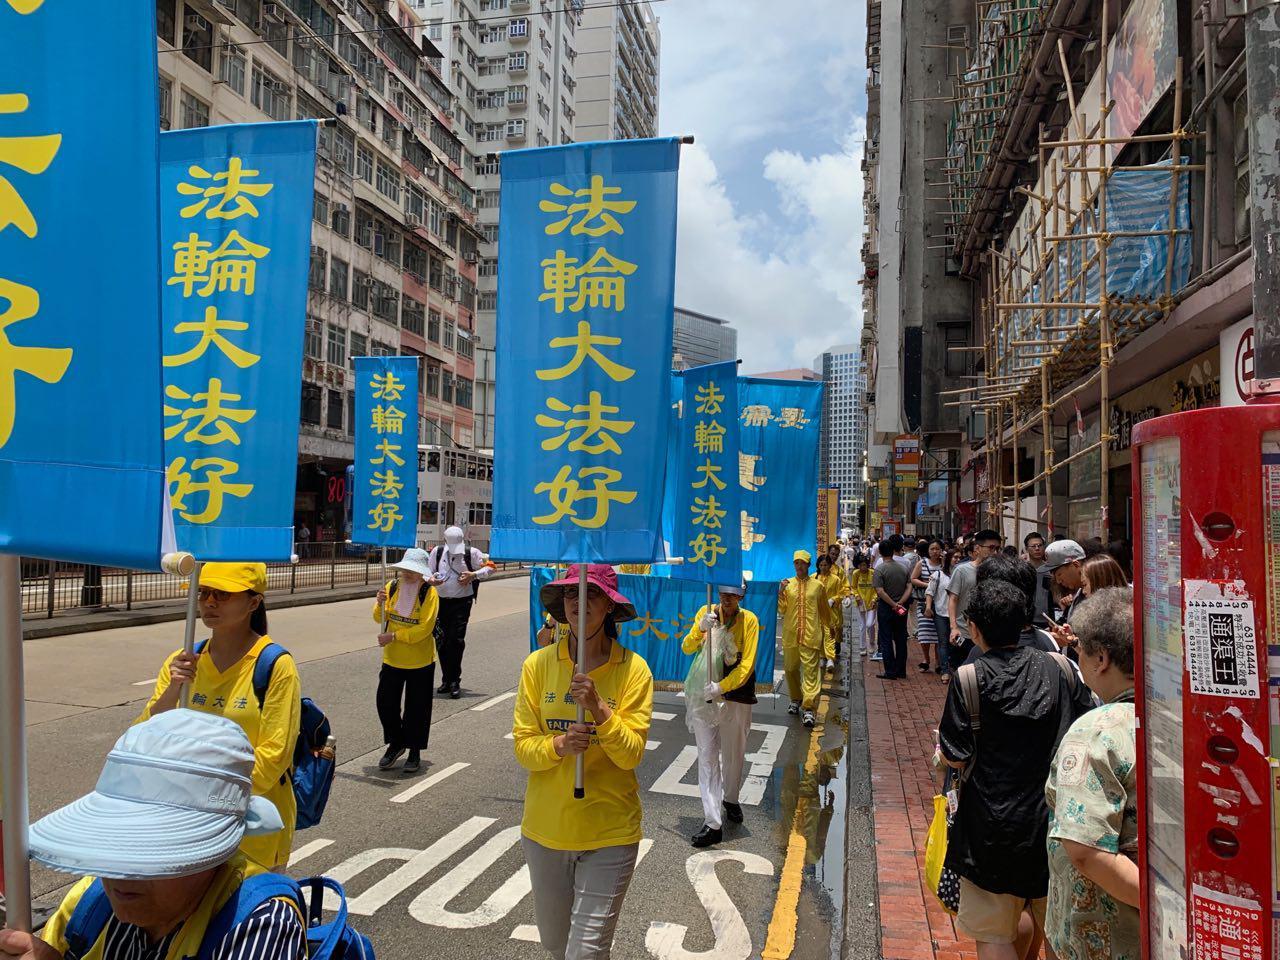 7月21日香港法輪功學員舉行反迫害二十周年遊行集會,引起路人駐足觀看。(駱亞/大紀元)